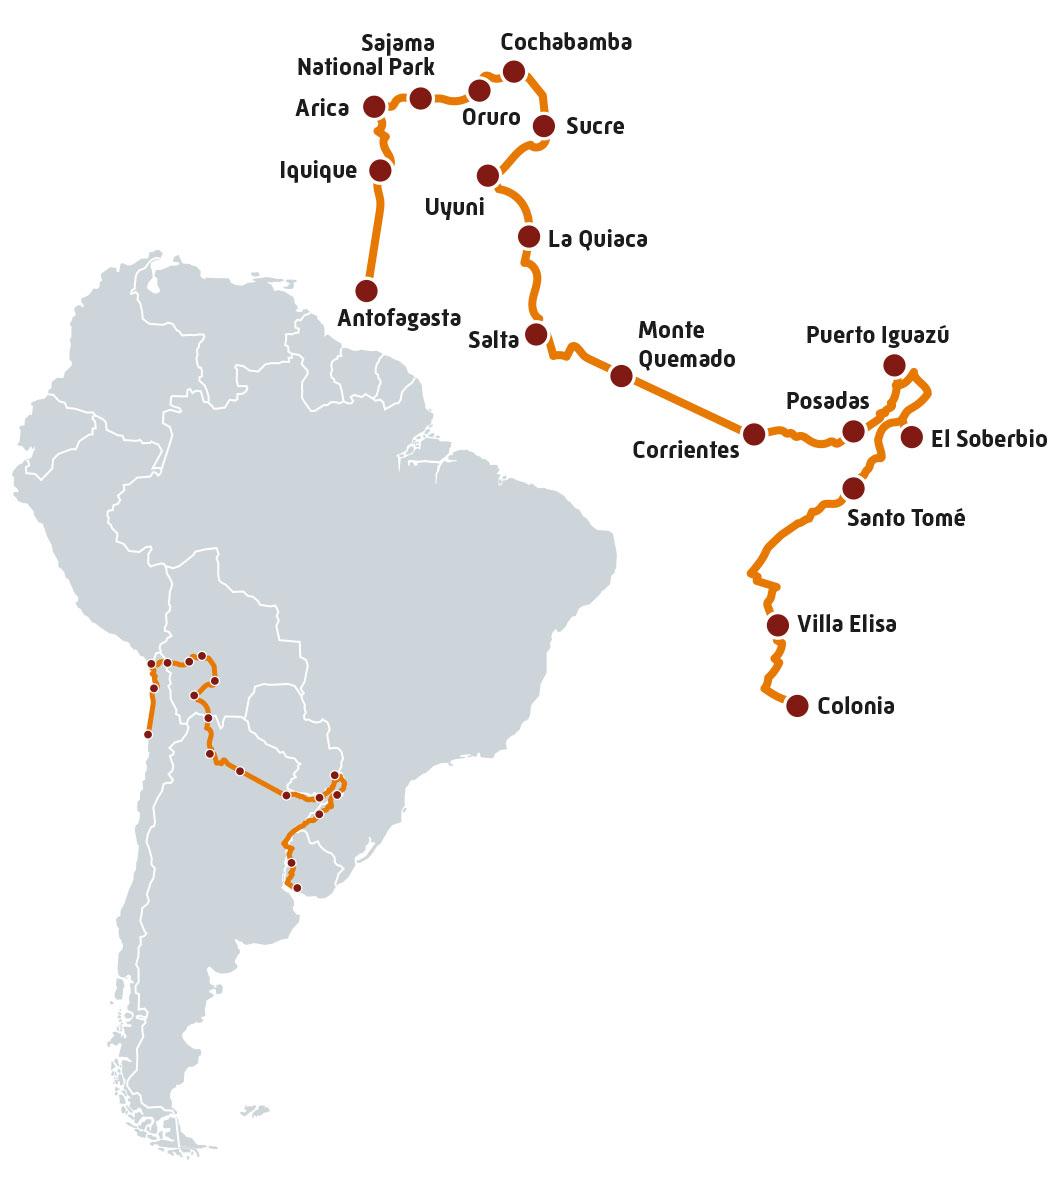 Itinéraire du premier road trip Harley en Amérique du Sud de Colonia en Uruguay jusqu'à Antofagasta au Chili en passant par l'Argentine et la Bolivie